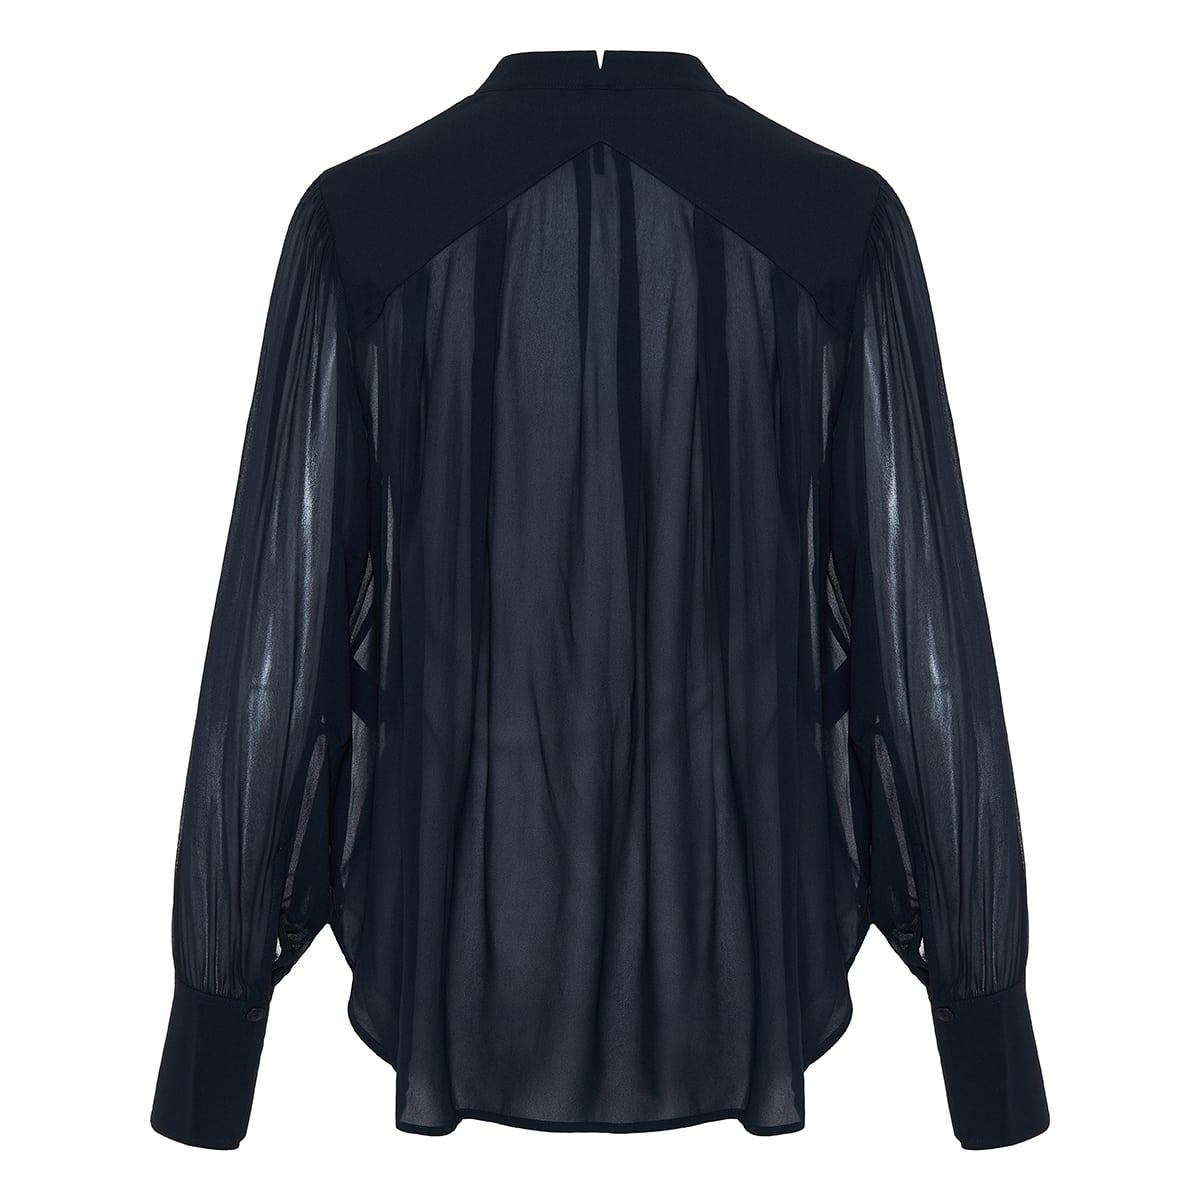 Carly sheer viscose blouse